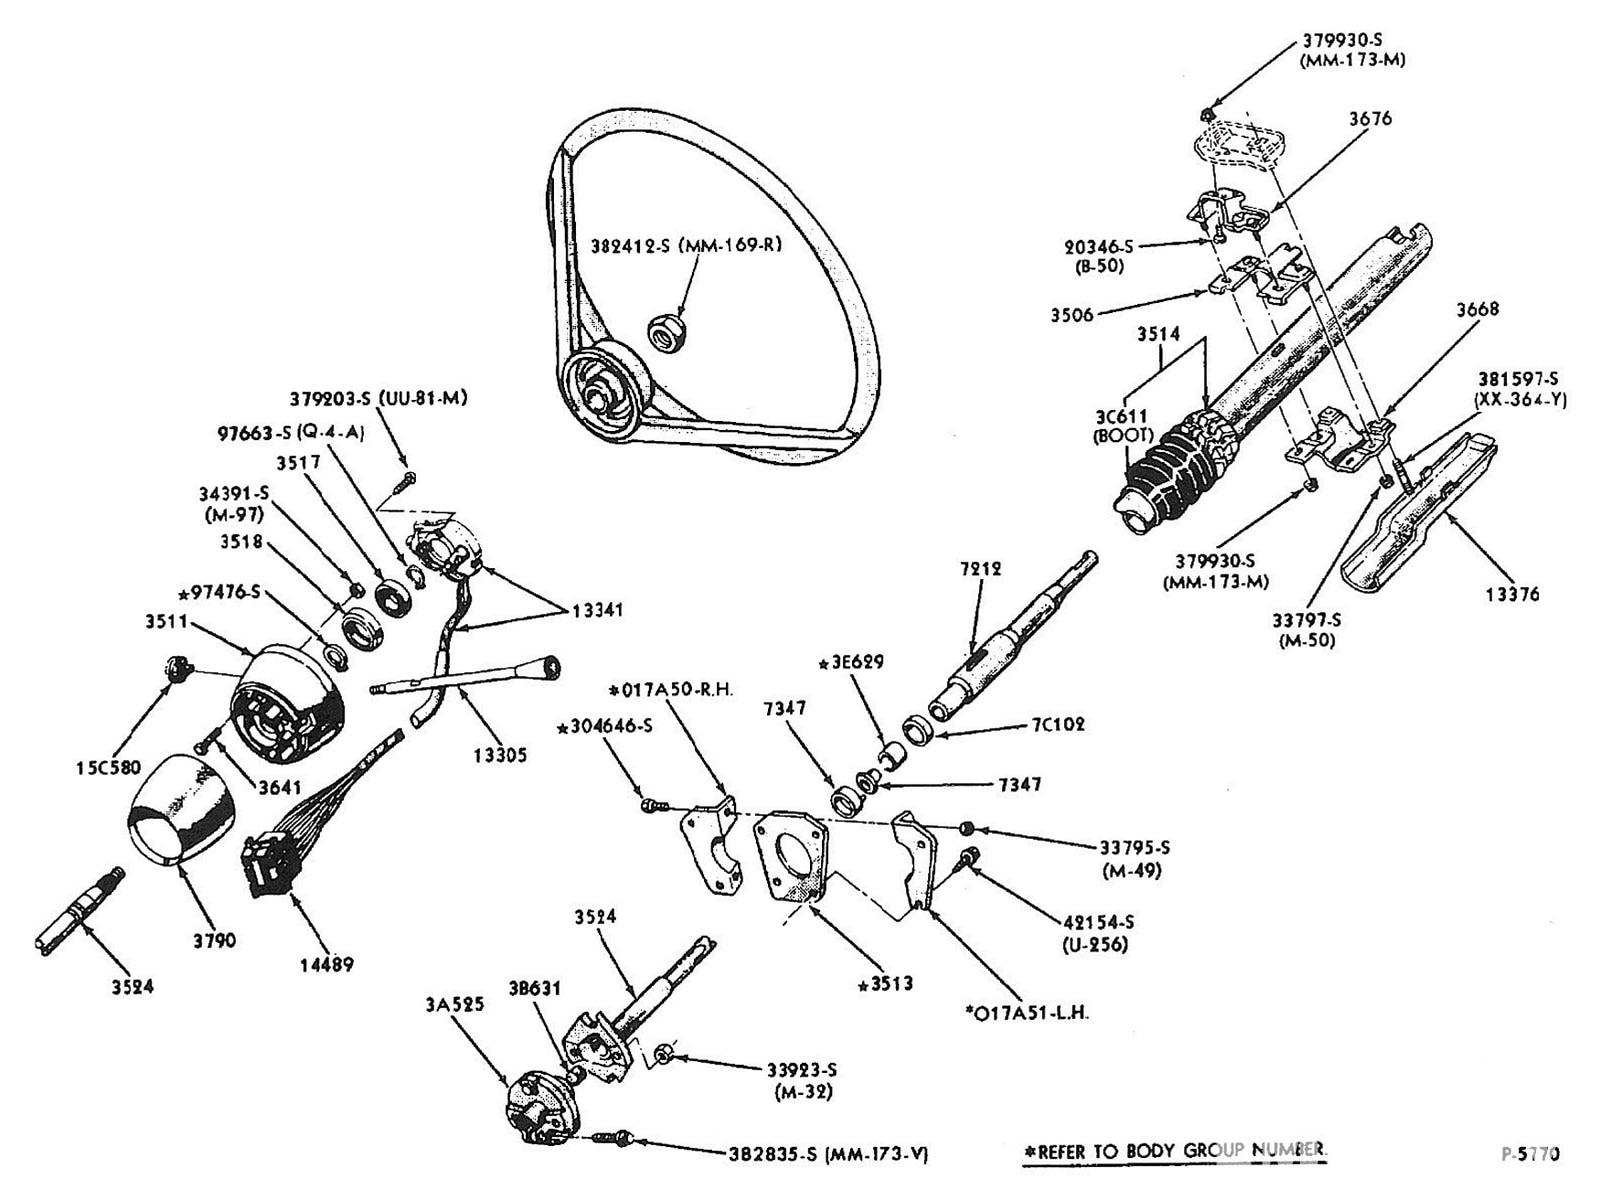 1967 Mustang Power Steering Diagram Wiring Diagrams Lol